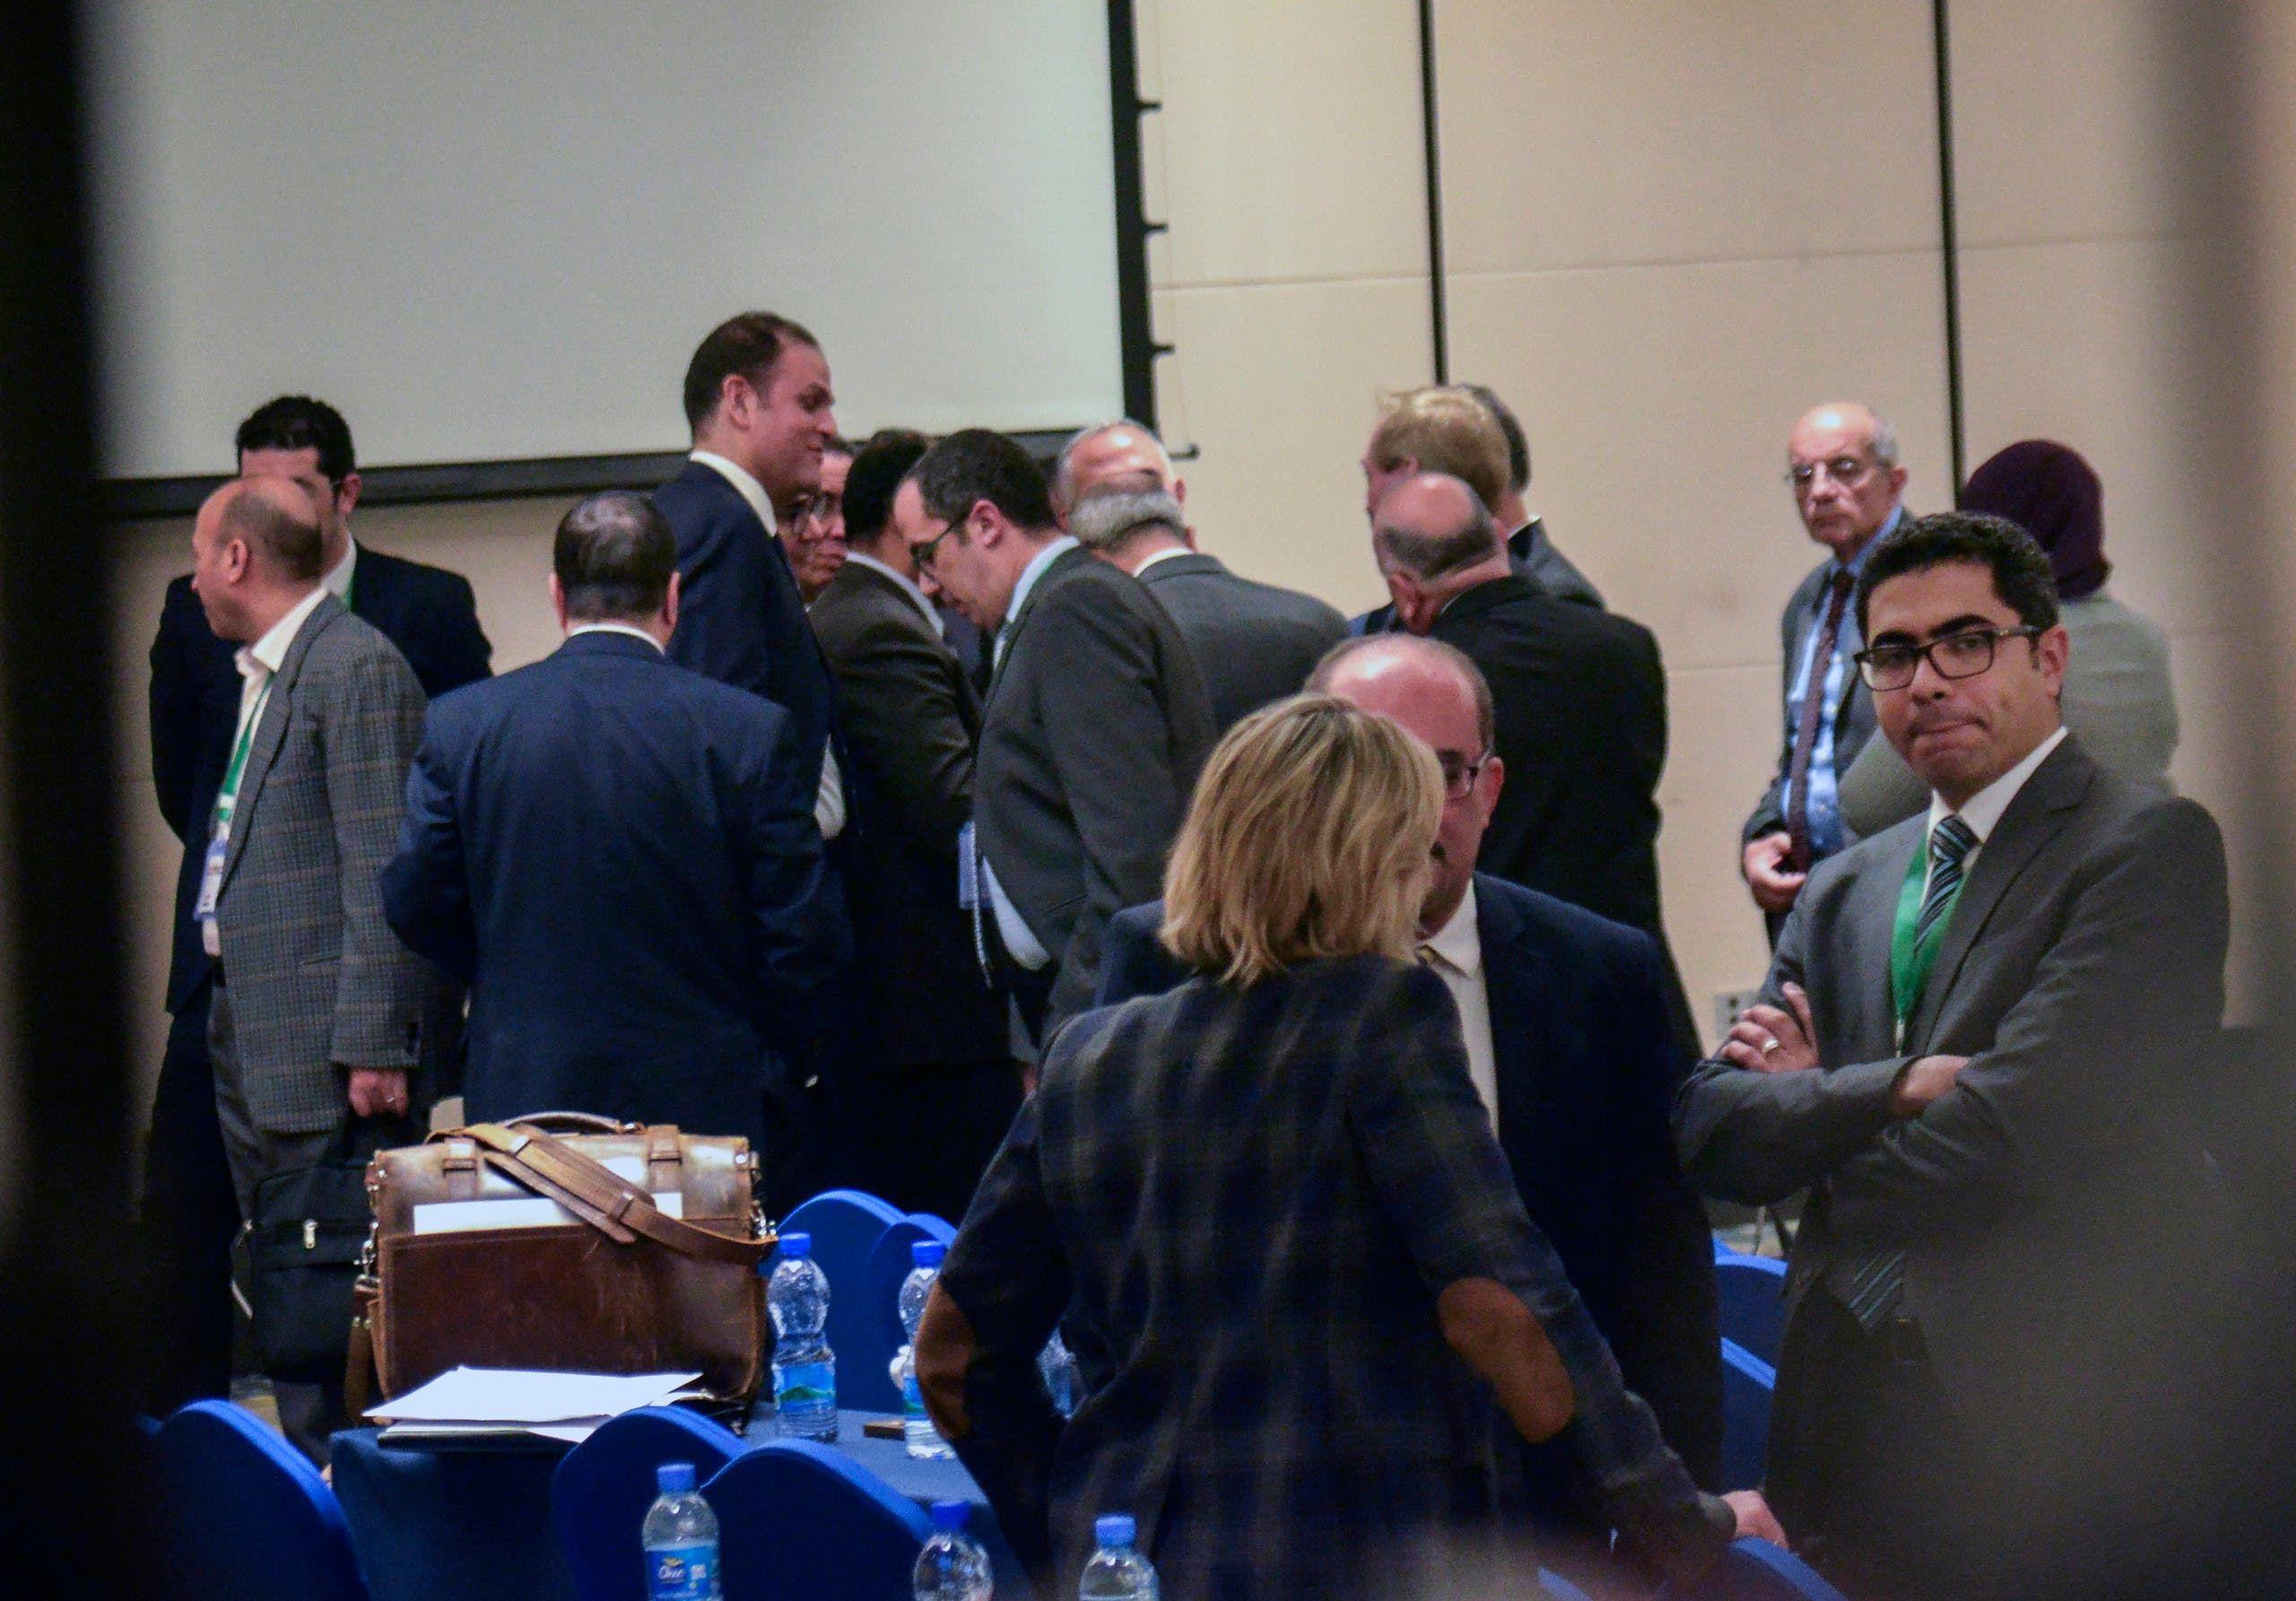 على هامش مباحثات واشنطن بين مصر وأثيوبيا حول سد النهضة